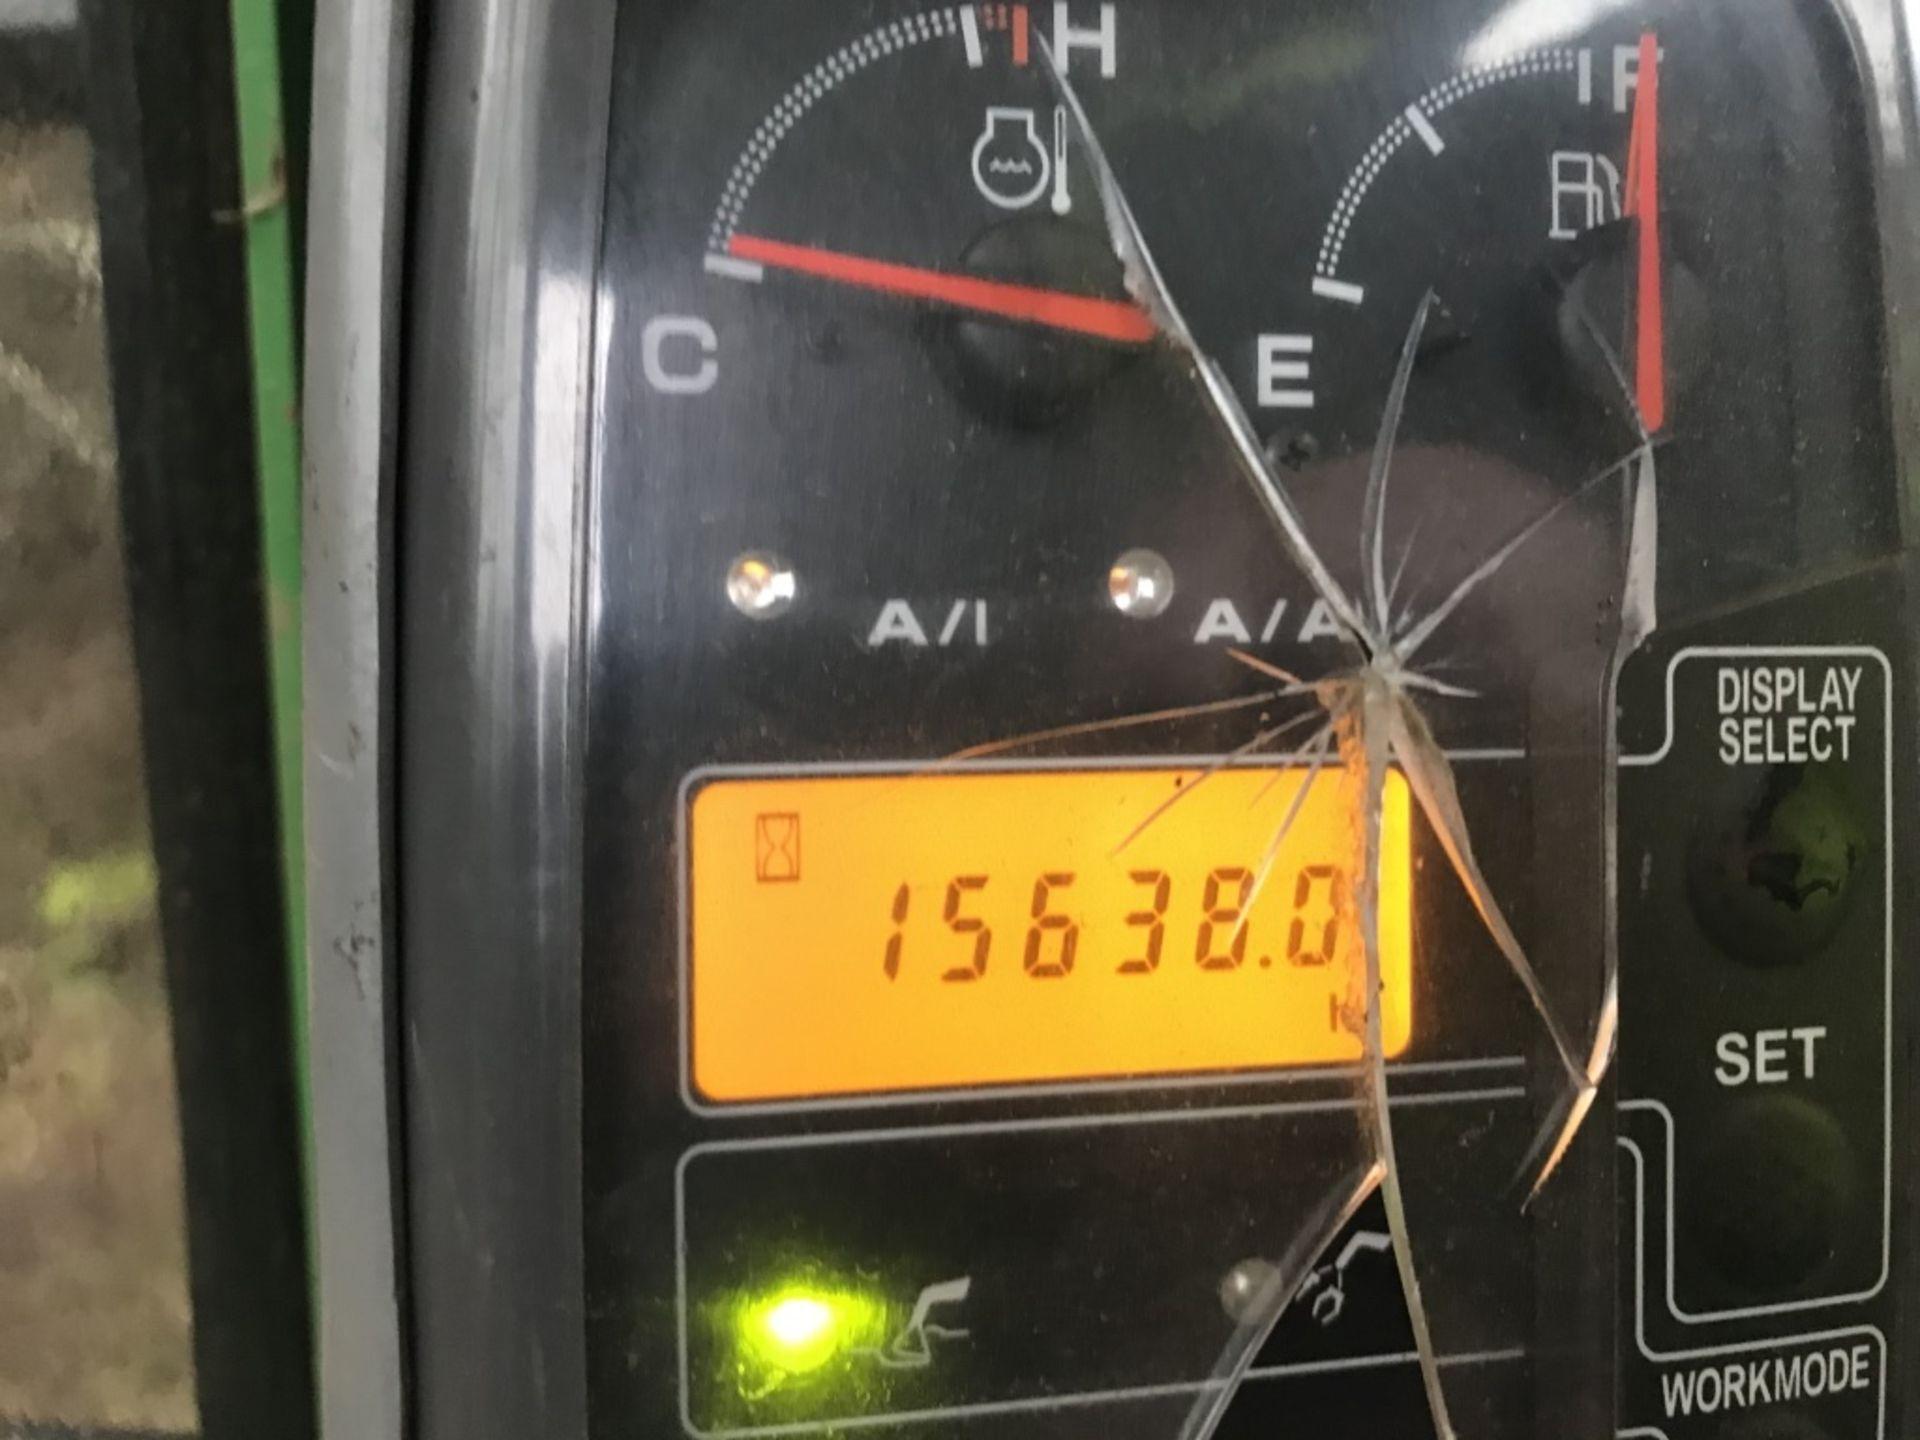 Lot 49 - 2008 John Deere 3554 Shovel Logger